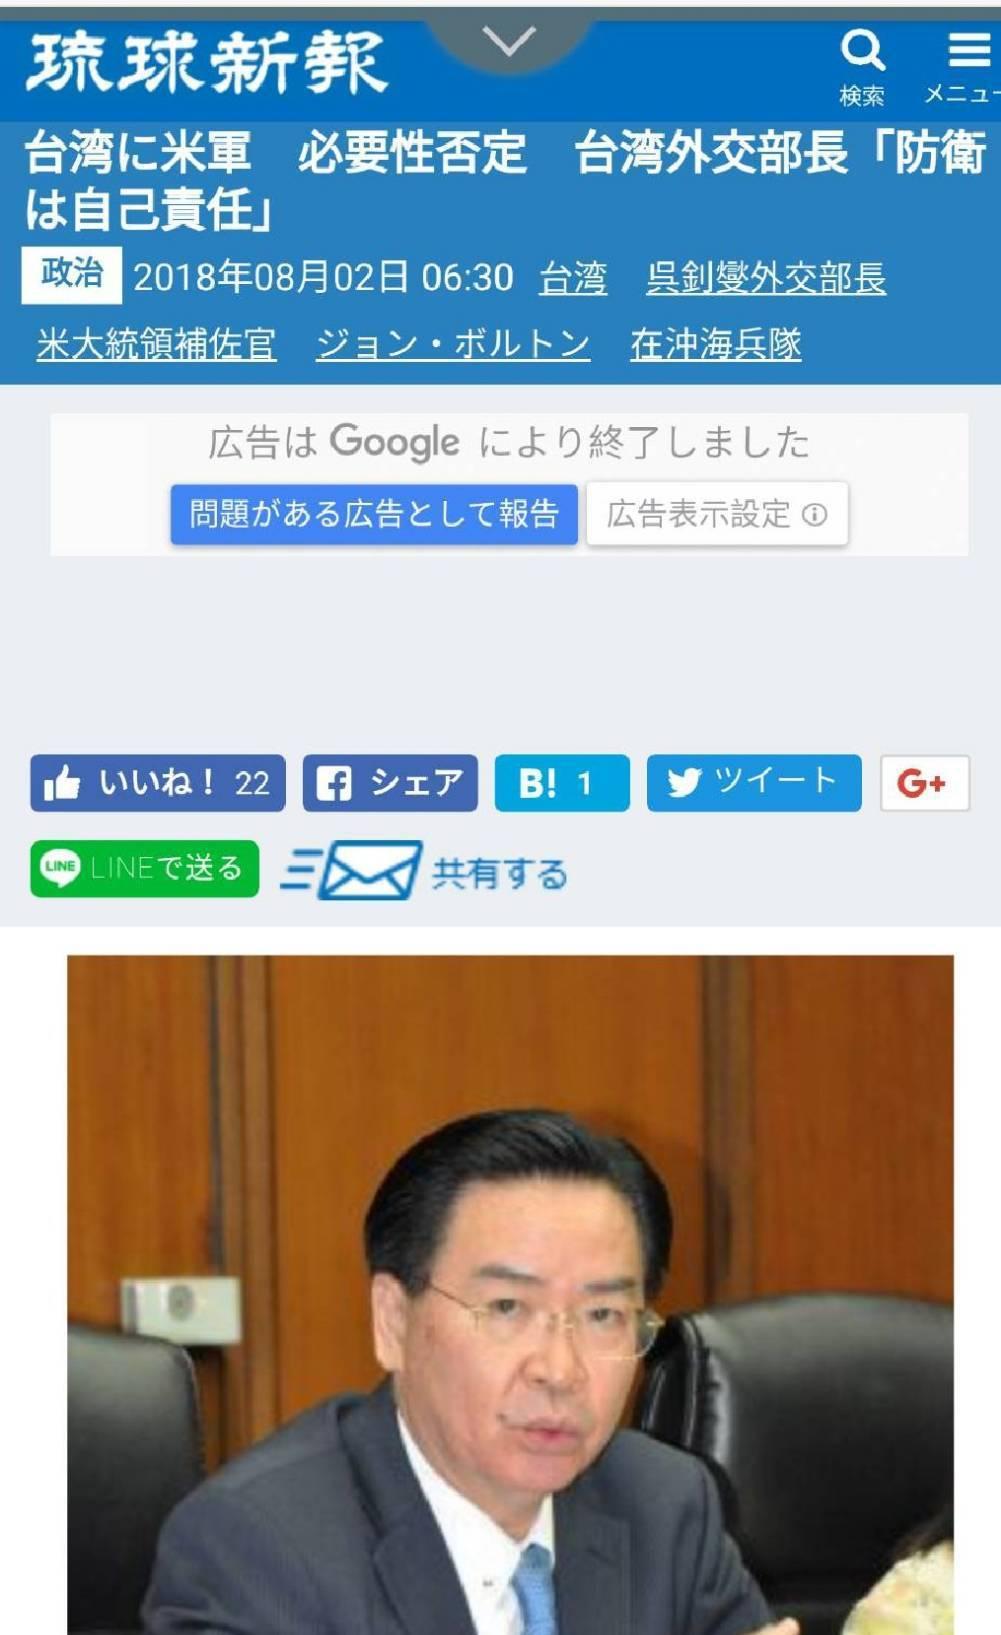 日本媒體今天刊出吳釗燮受訪內容。圖/取自琉球新報網站